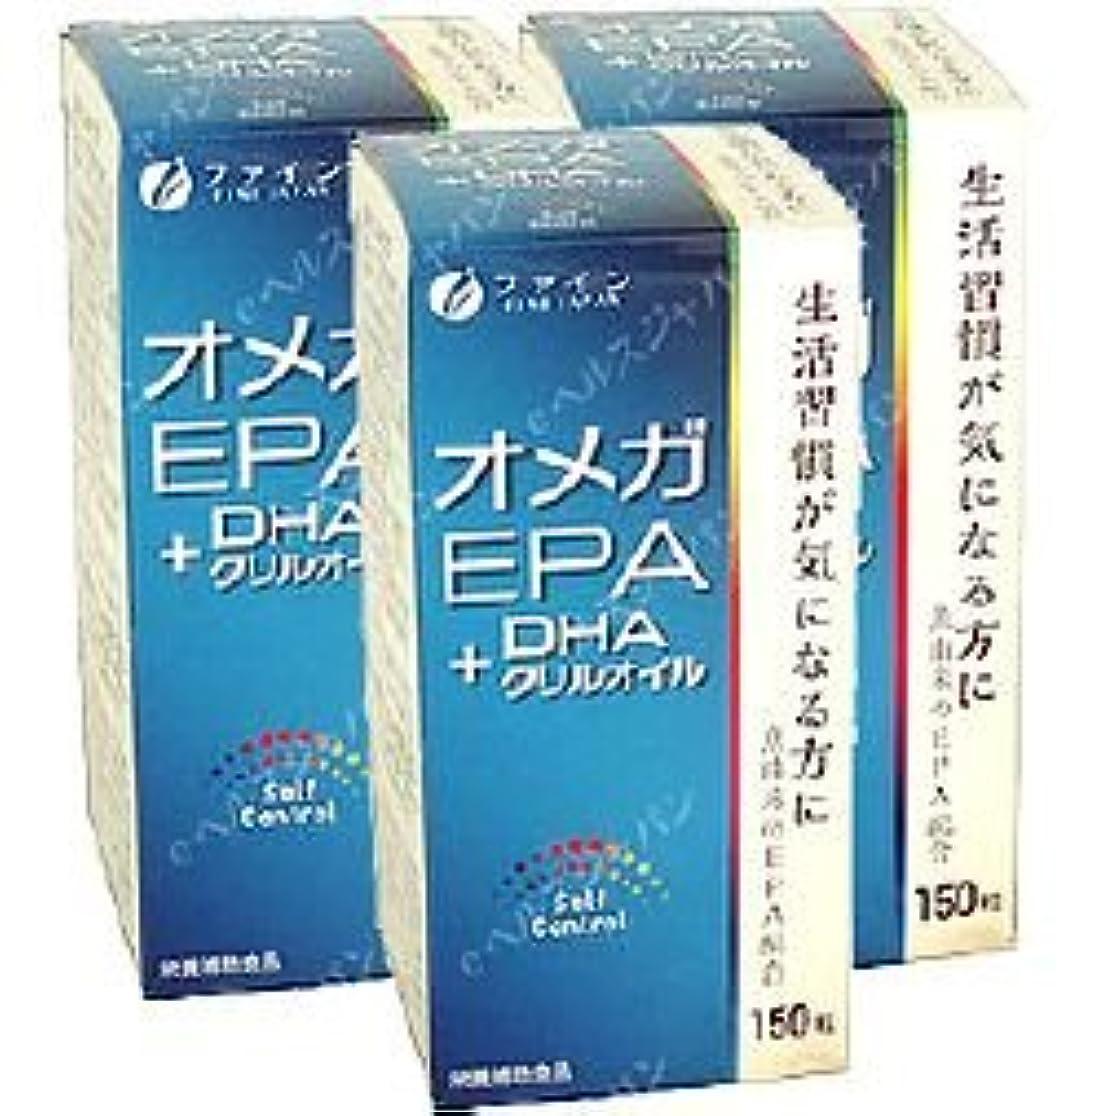 肌寒いタイトルノイズオメガEPA+DHA?クリルオイル【3本セット】ファイン